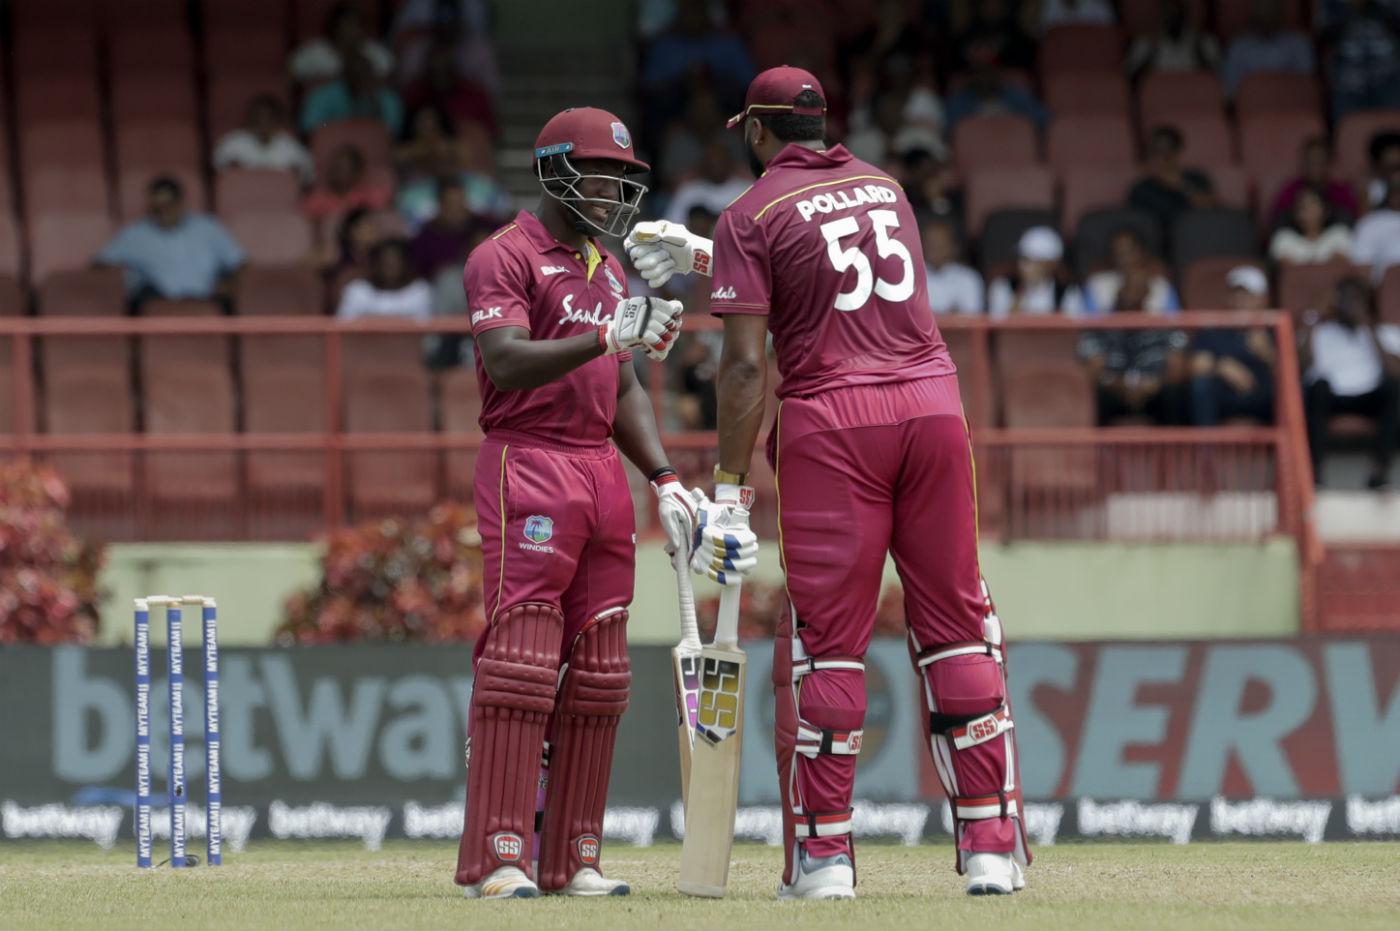 निकोलस पूरन ने बताया भारत के खिलाफ अपने शानदार बल्लेबाजी का राज 1